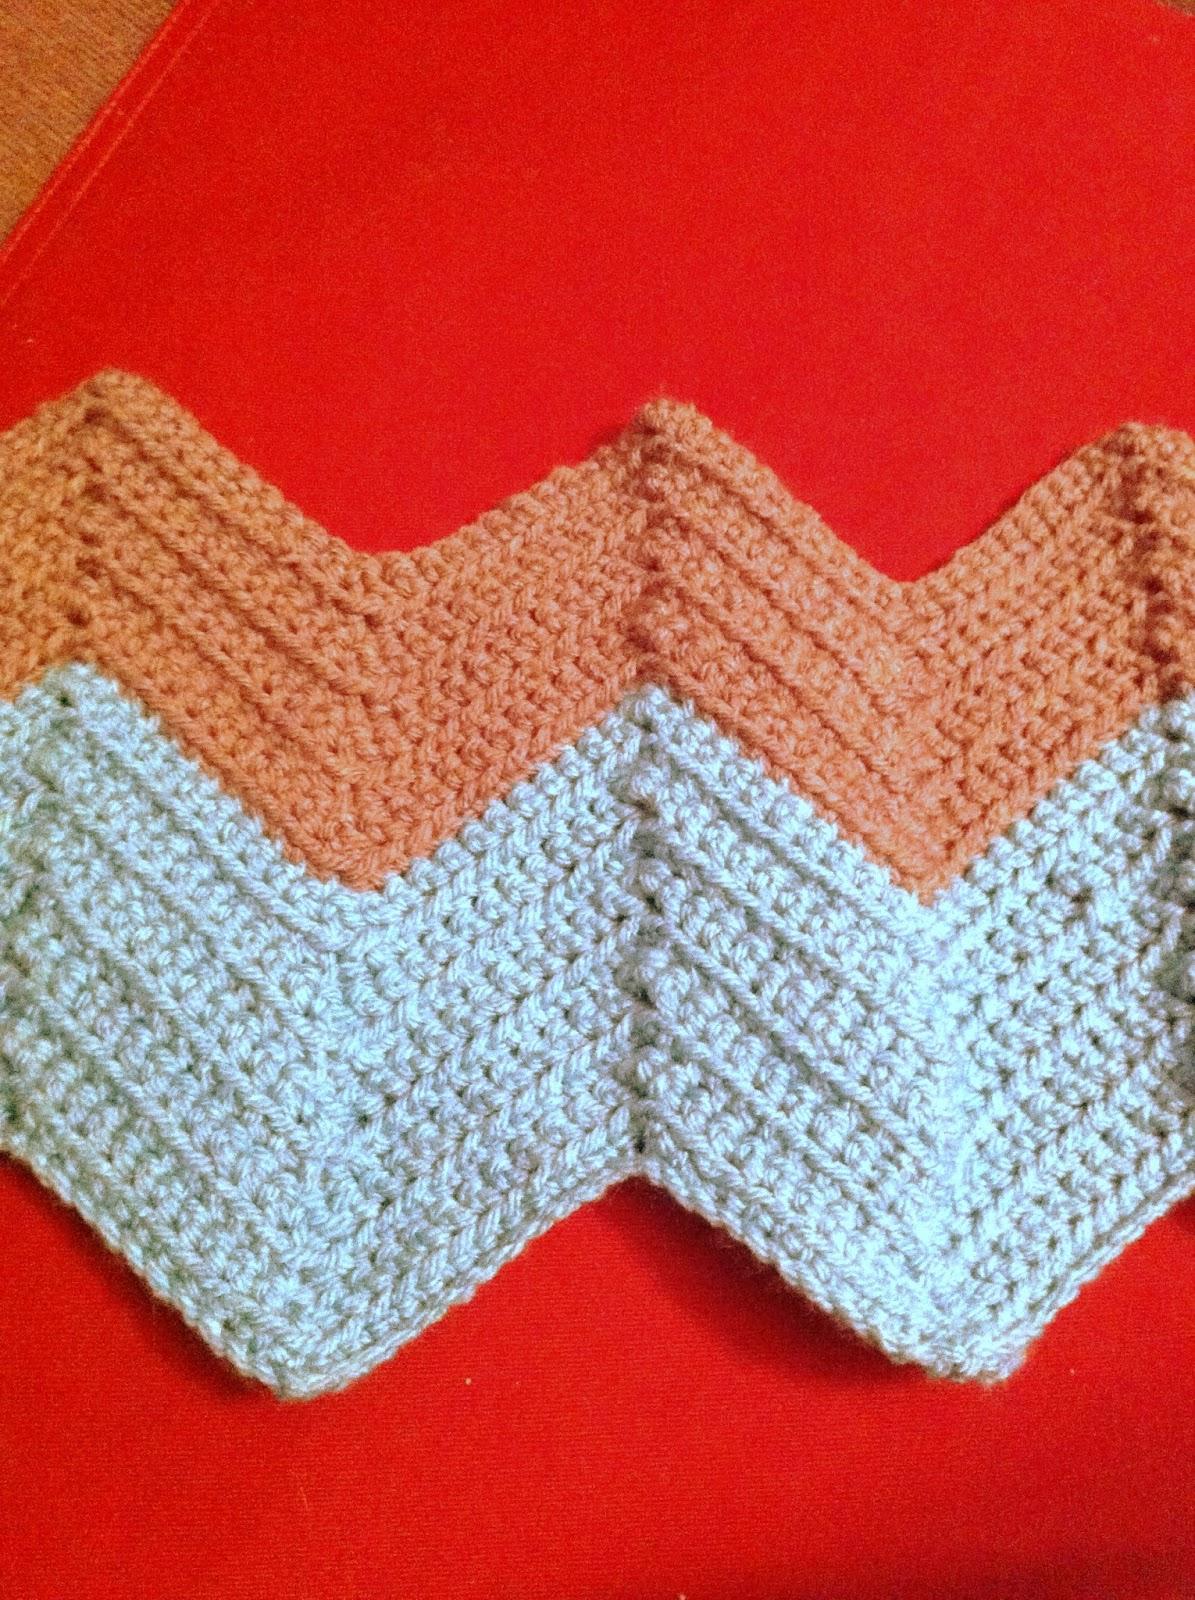 ginger next door: How To: Chevron Crochet